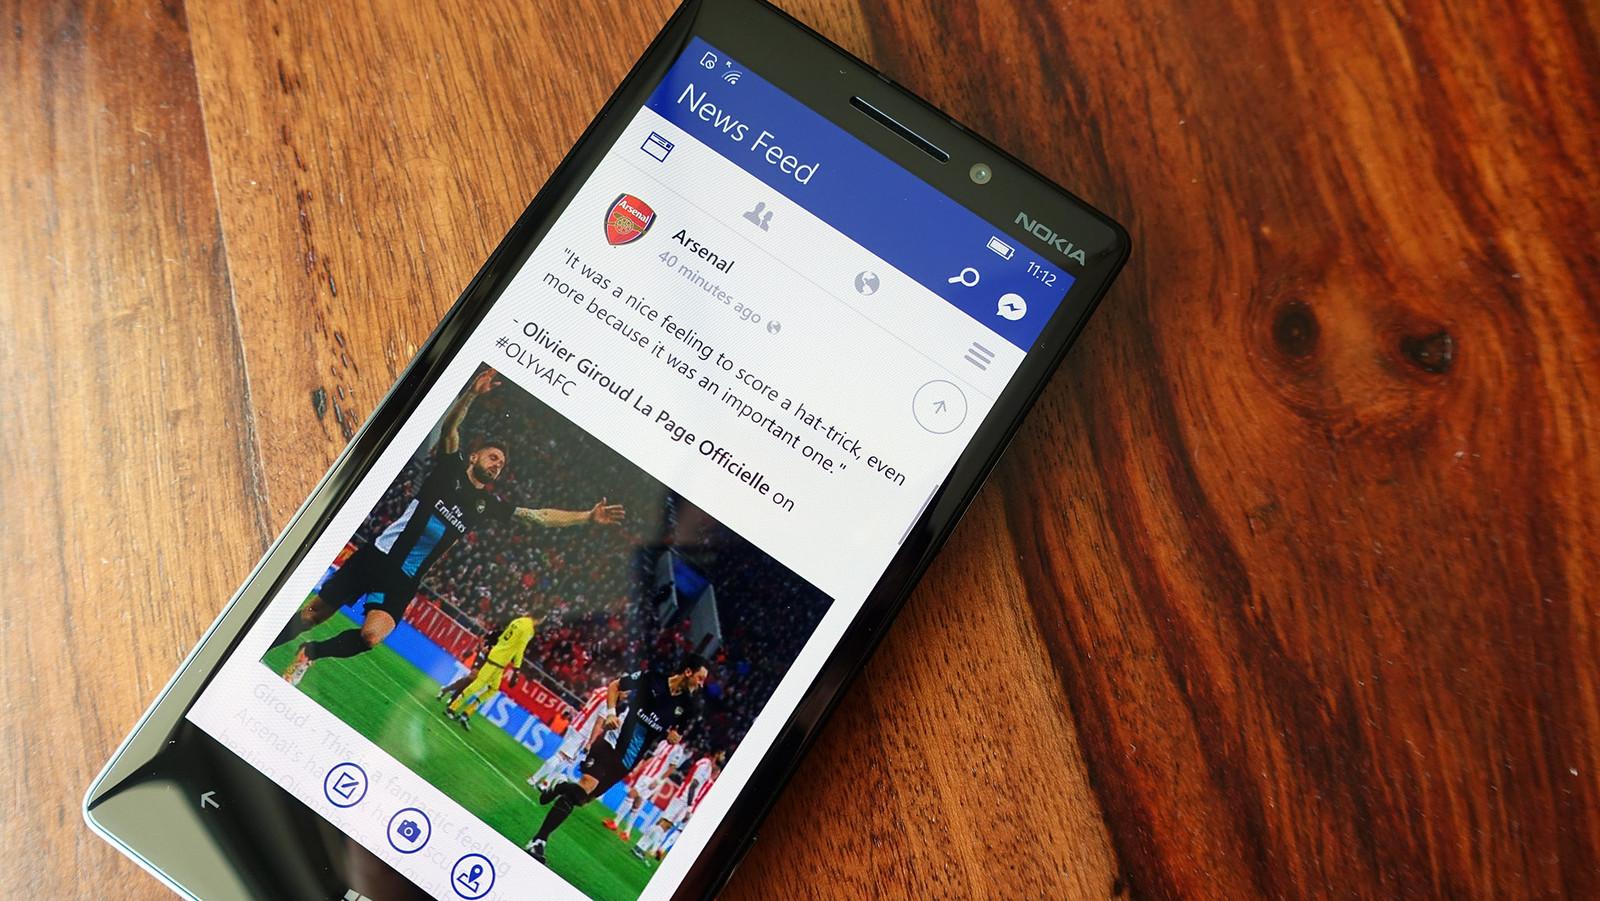 विन्डोज फोनमा फेसबुक र इन्स्टाग्राम एप नचल्ने